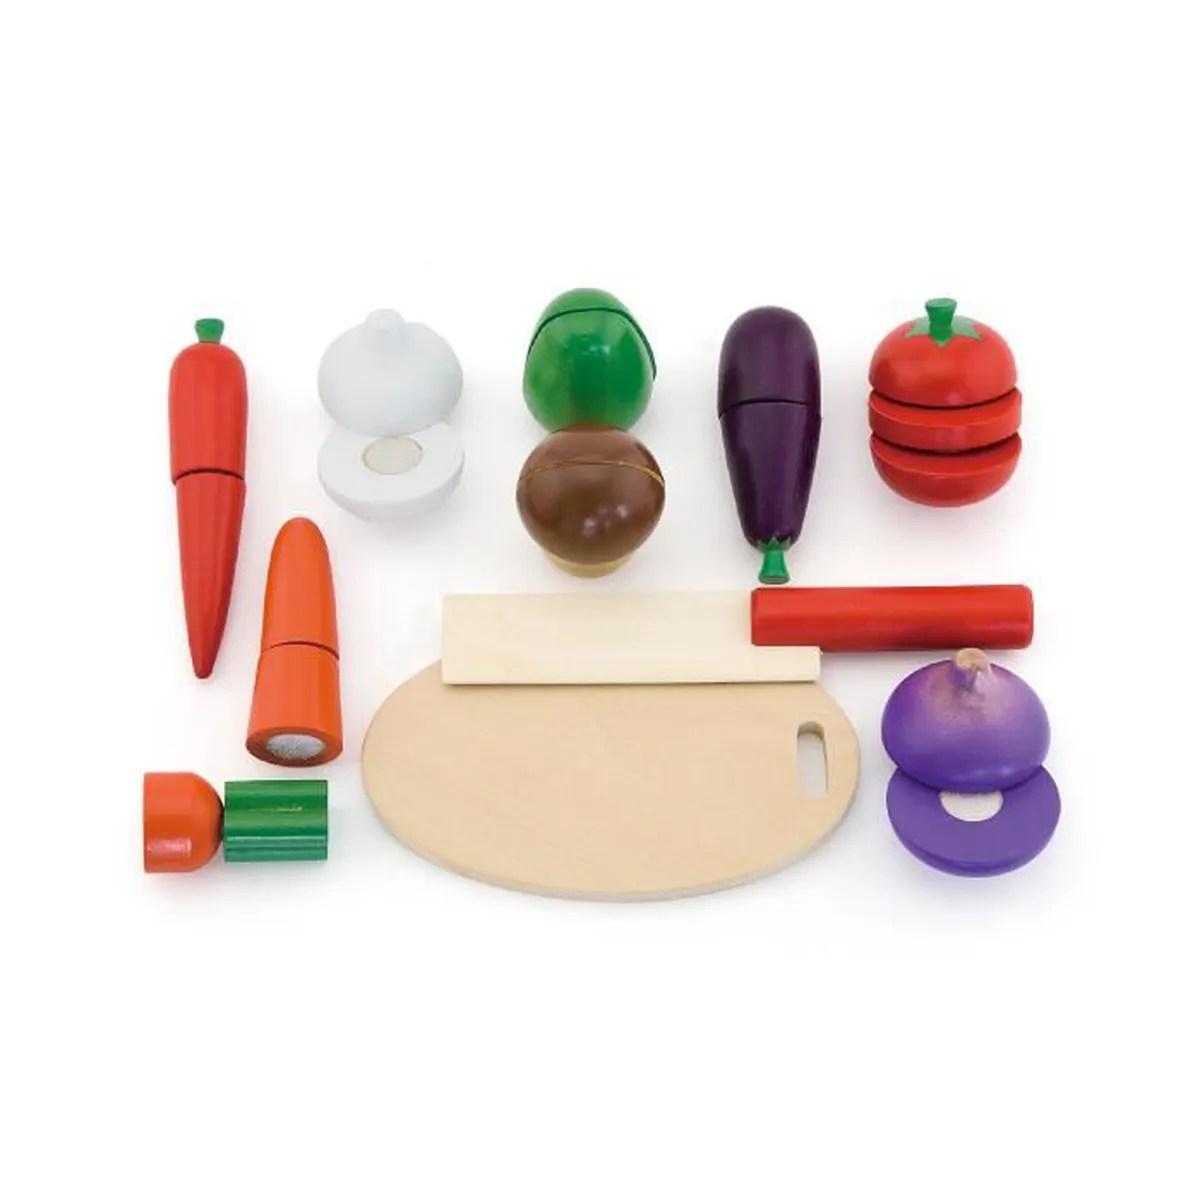 Lgumes en bois jeu  dcouper bb enfant 18m  Multicolore  Achat  Vente dinette  cuisine